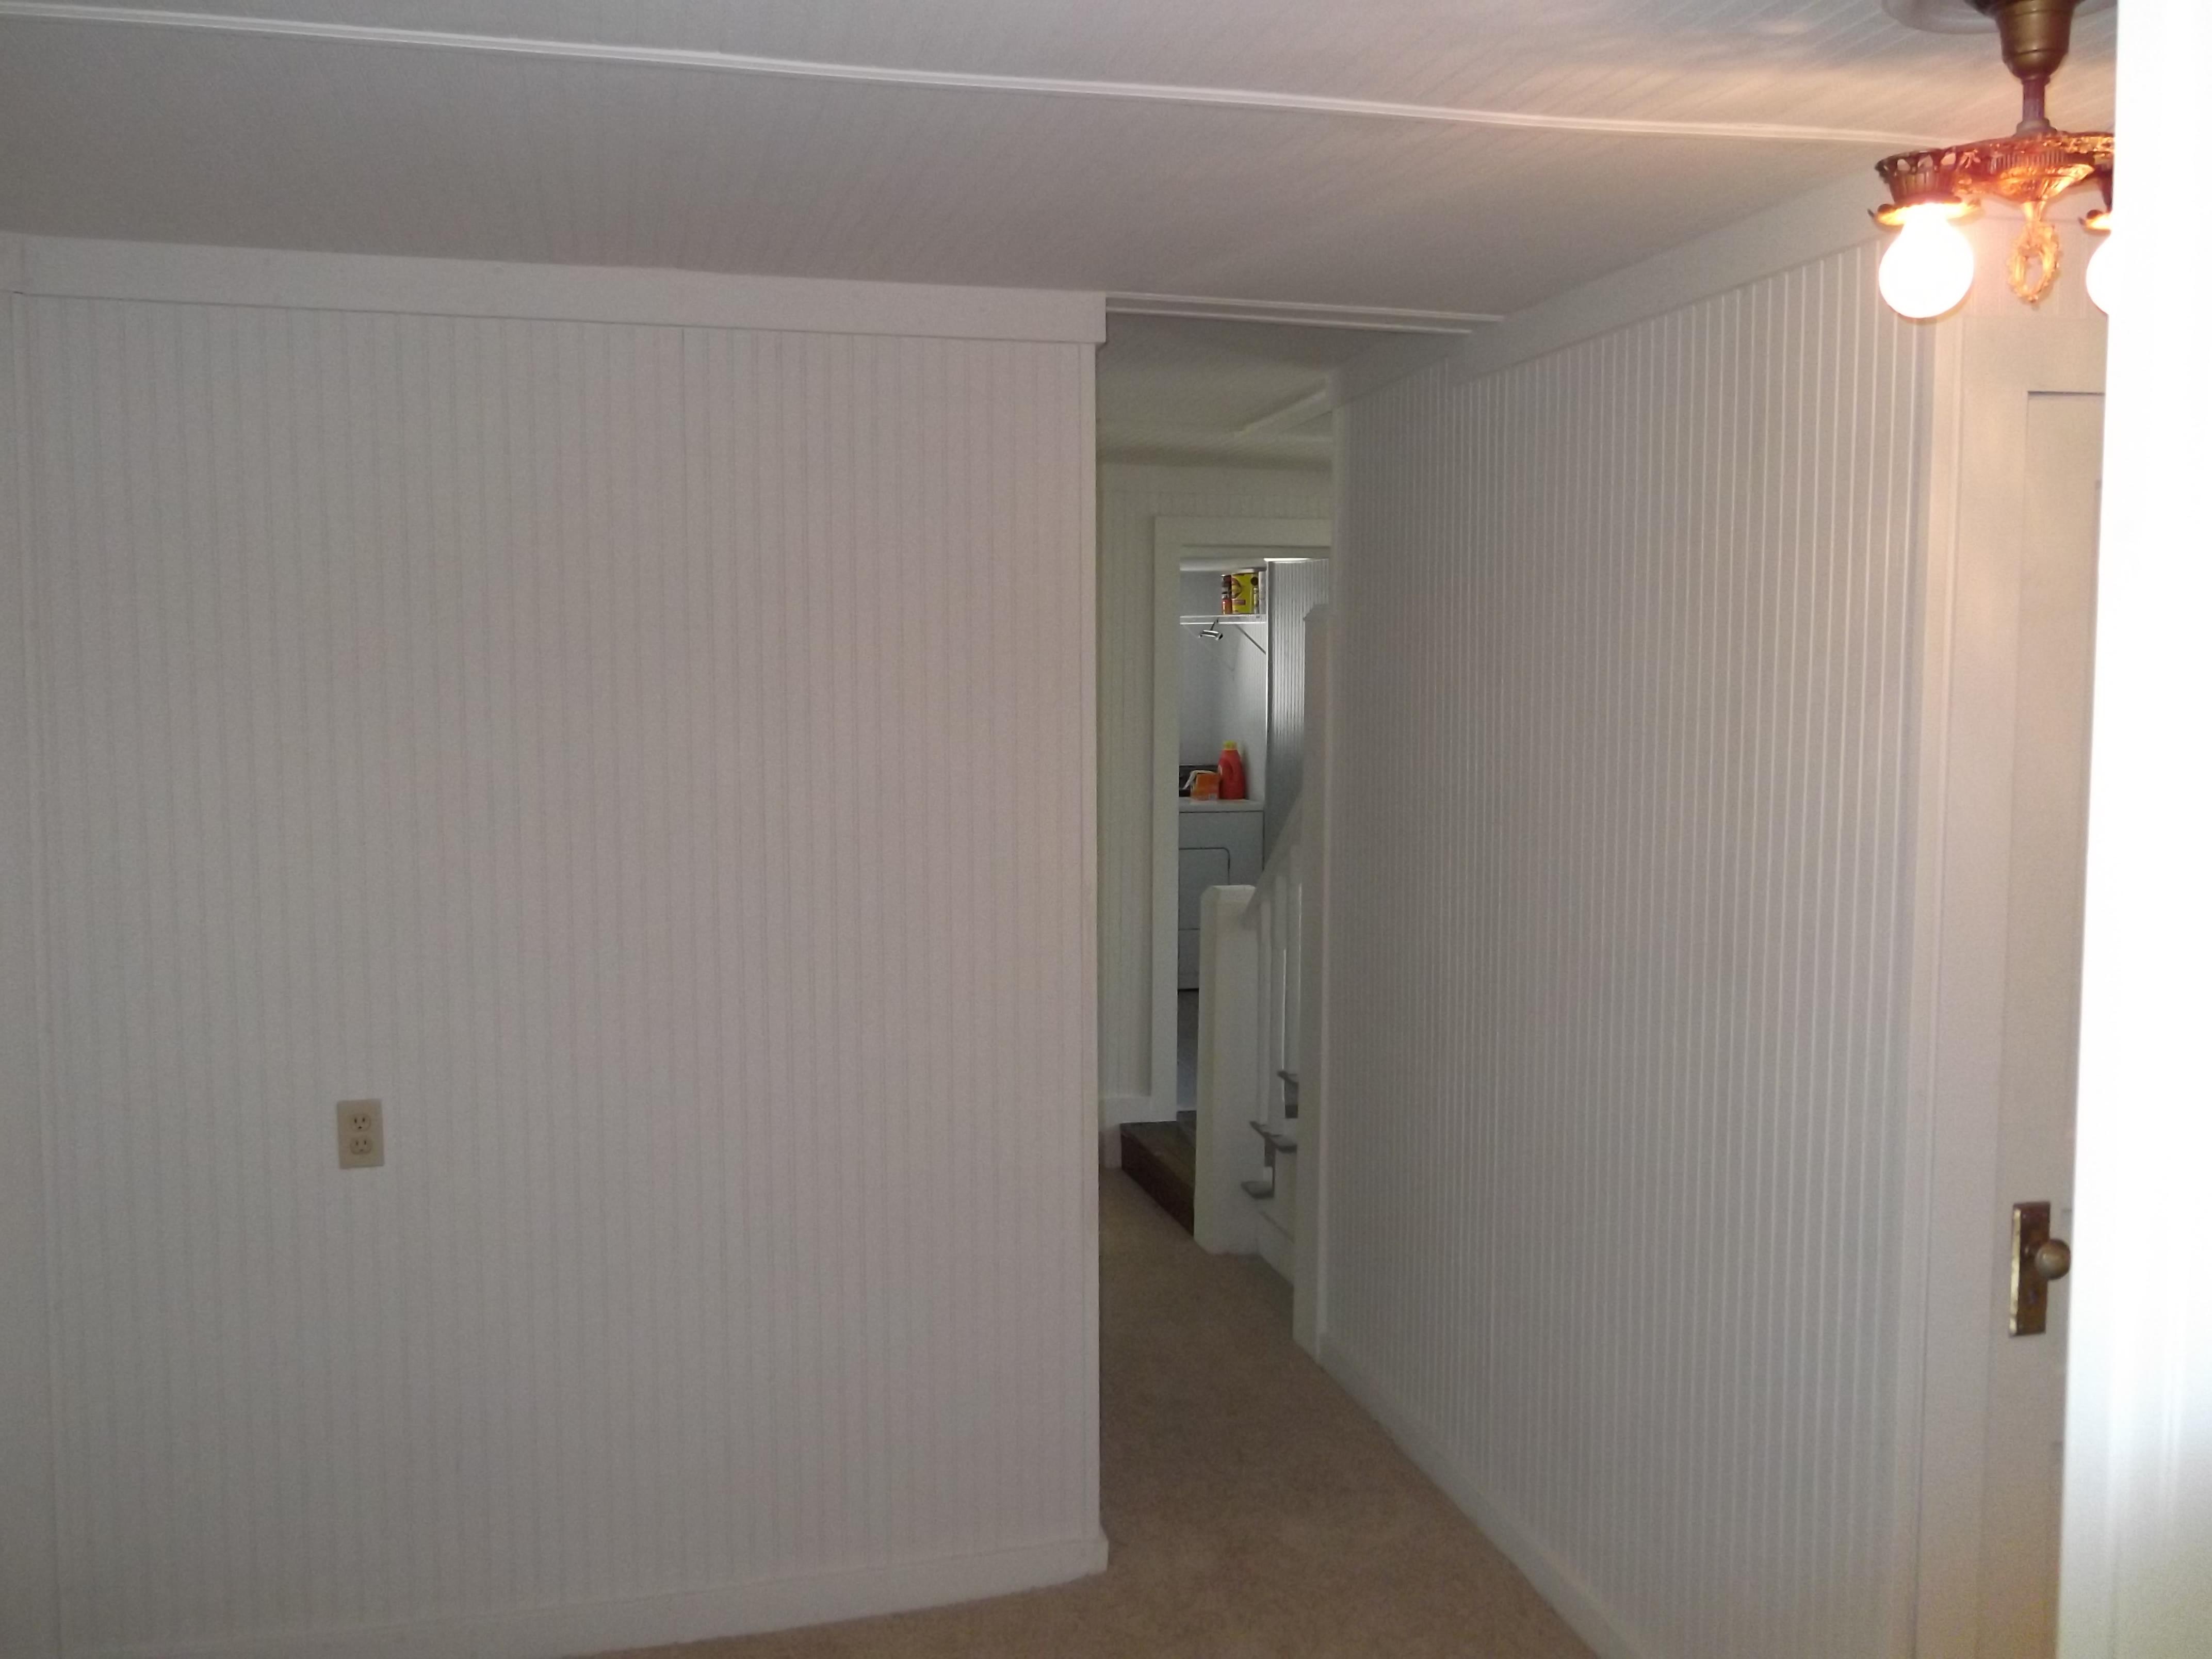 12-15-2011 004.jpg